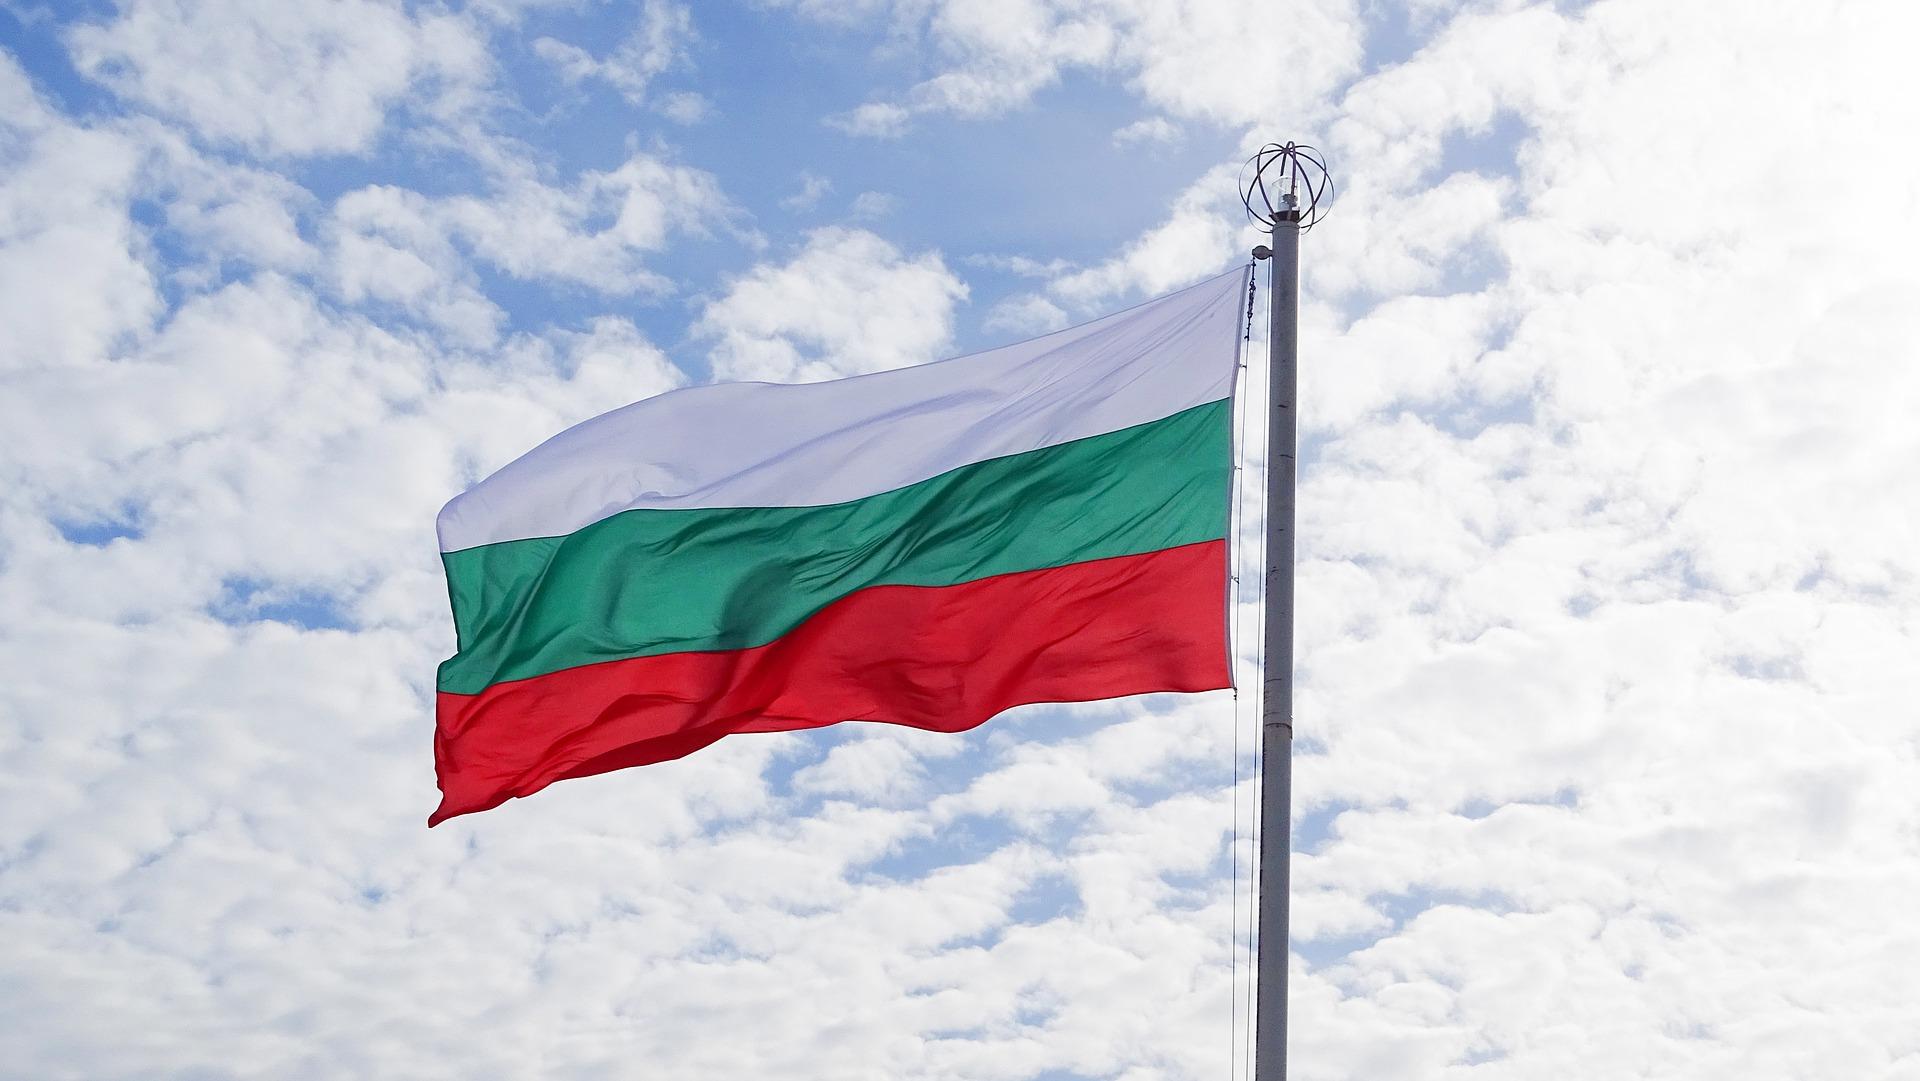 DALL'AUTORITA' PER LA PROTEZIONE DEI DATI DELLA BULGARIA: La Commissione Per La Protezione Dei Dati Personali Ha Presentato All'Assemblea Nazionale Il Rapporto Sulle Sue Attività Nel 2020